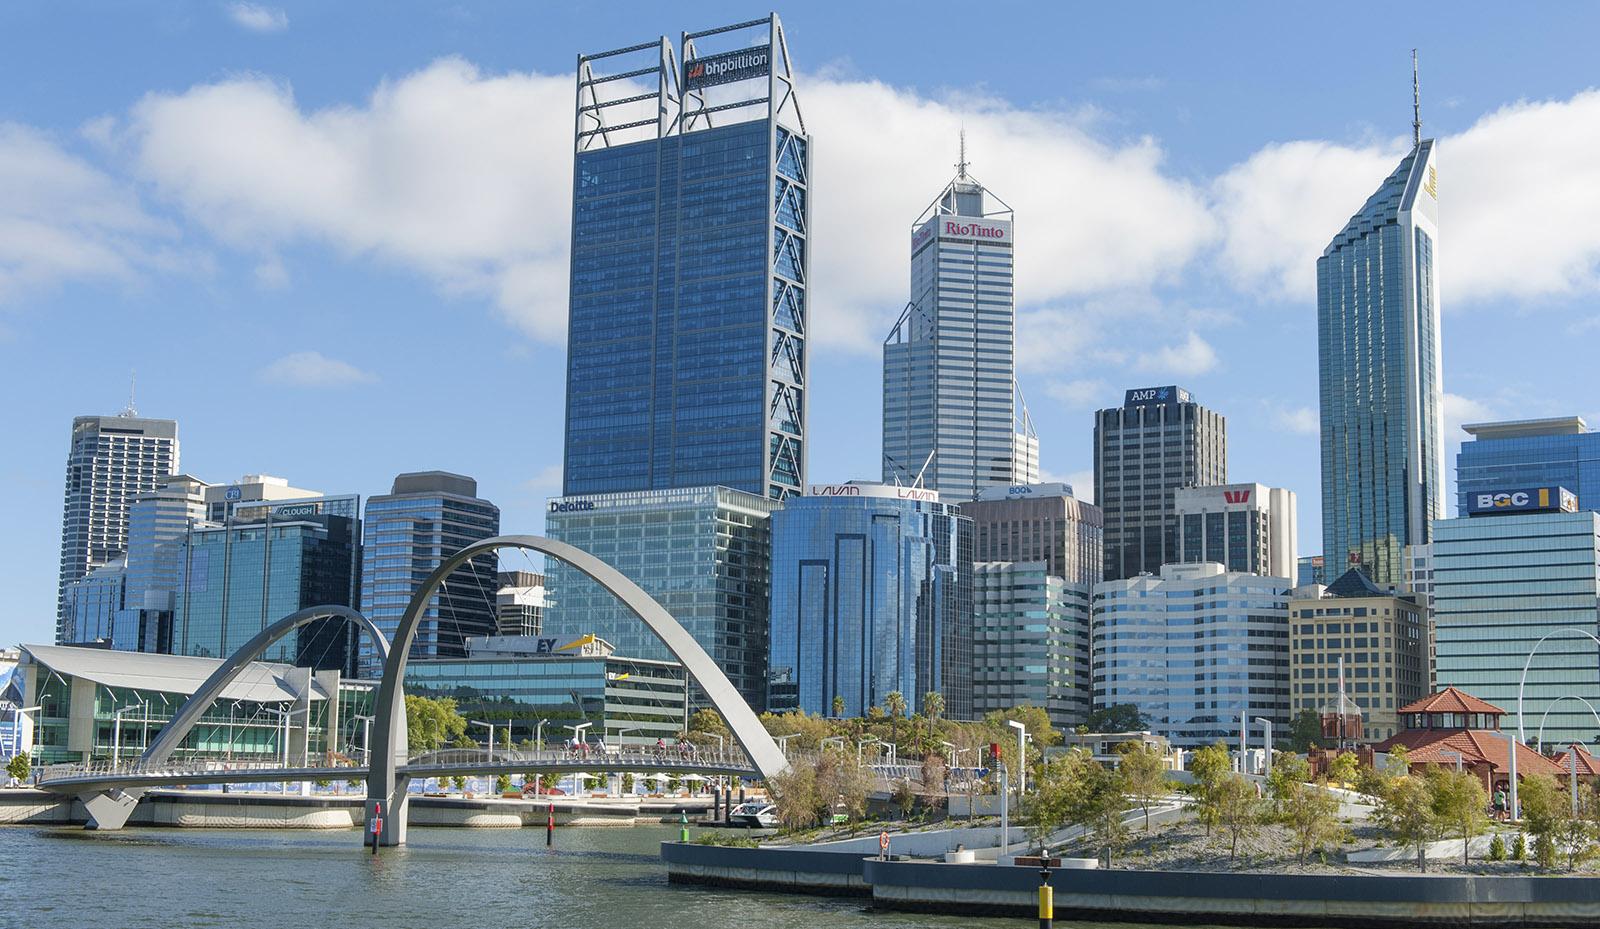 Die neue Waterfront am Elizabeth Quay von Perth. Foto: Hilke Maunder